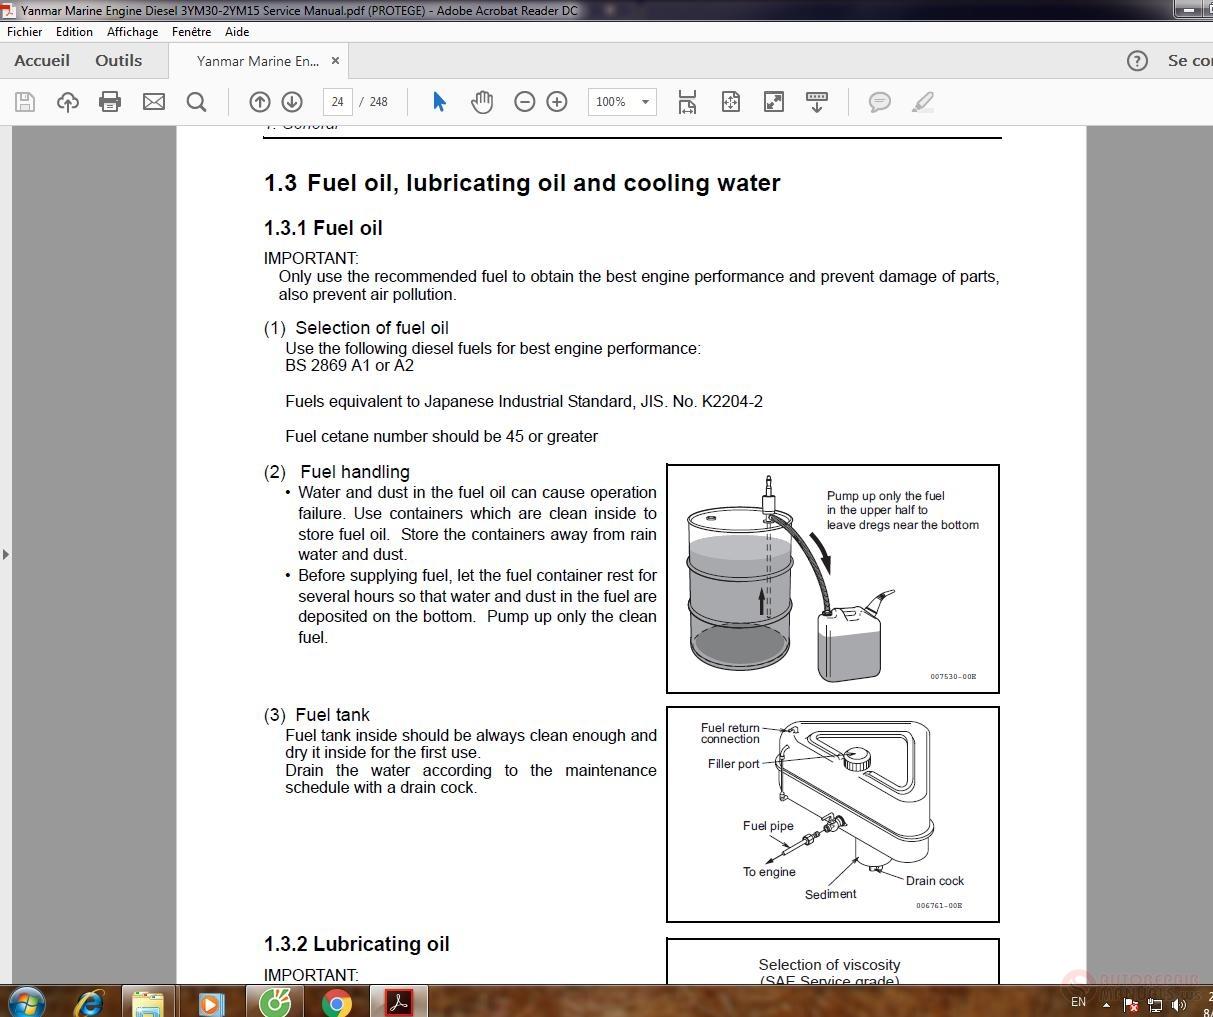 Yanmar Marine Engine Diesel 3YM30-2YM15 Service Manual | Auto Repair